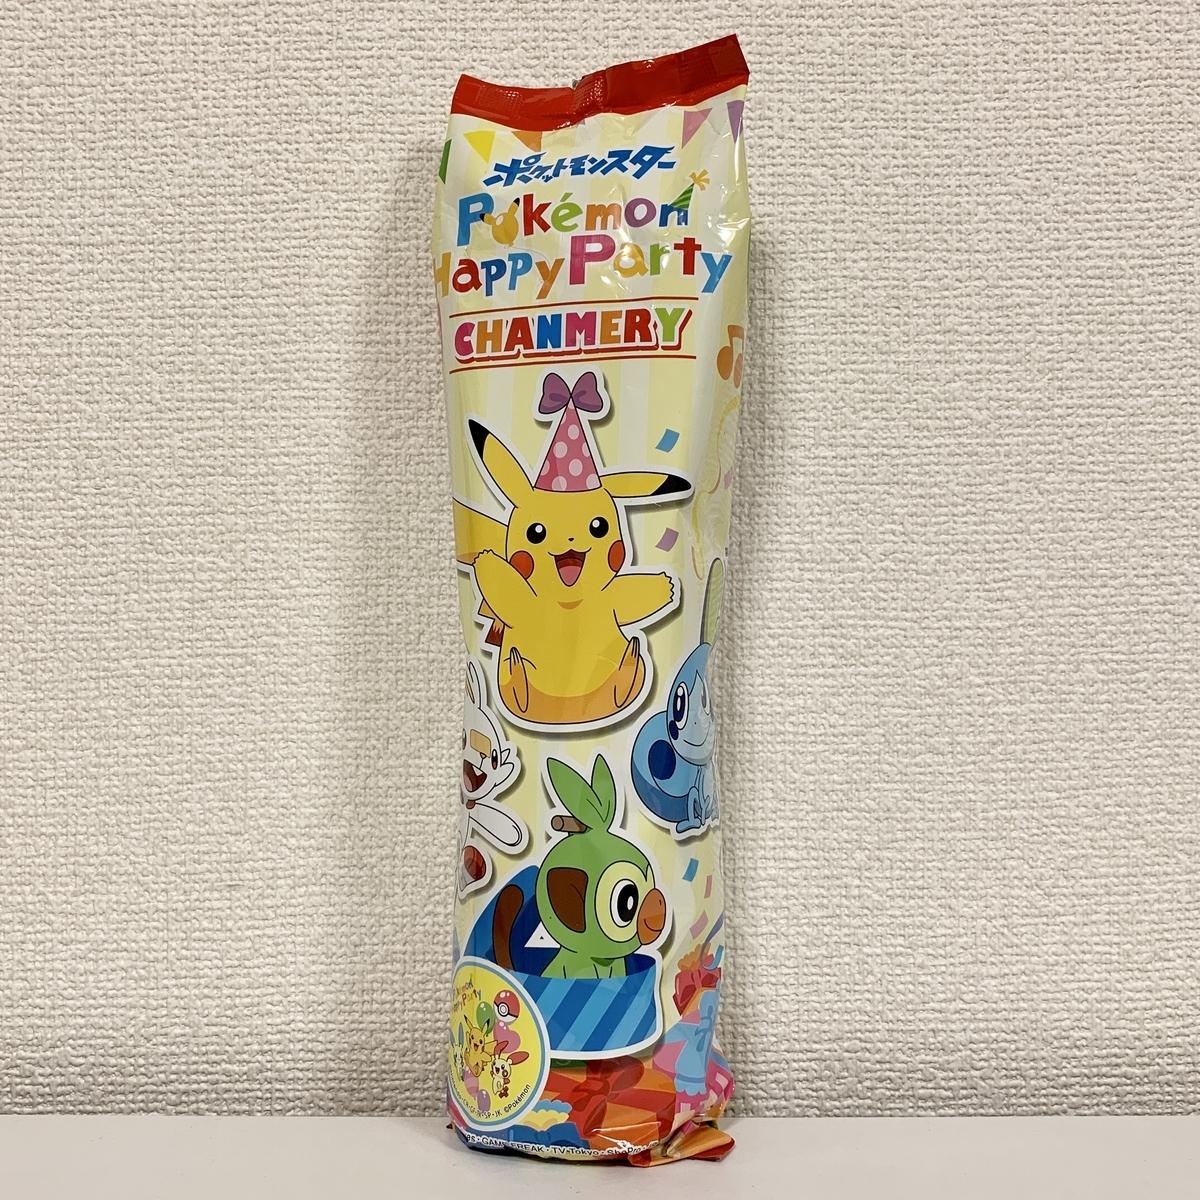 f:id:pikachu_pcn:20201117192427j:plain